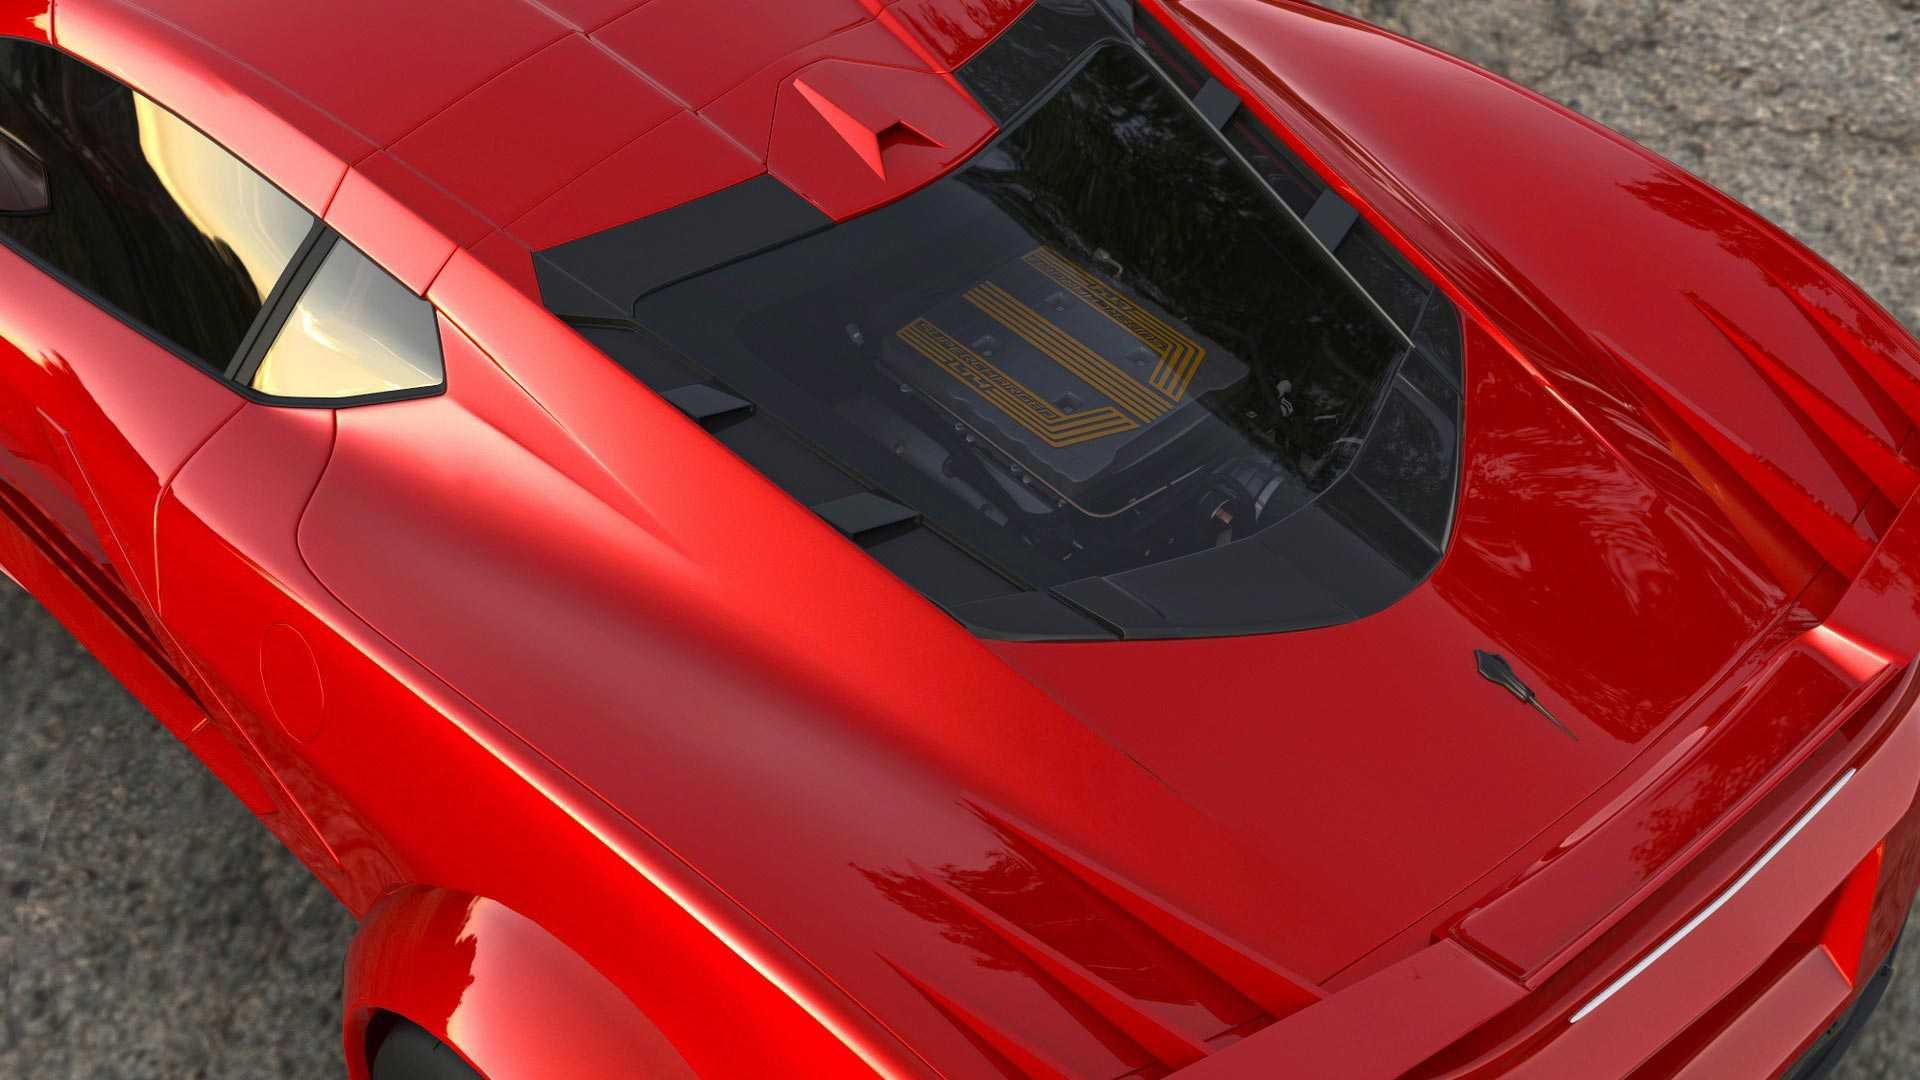 chevrolet-corvette-c8-ferrari-testarossa-render-6